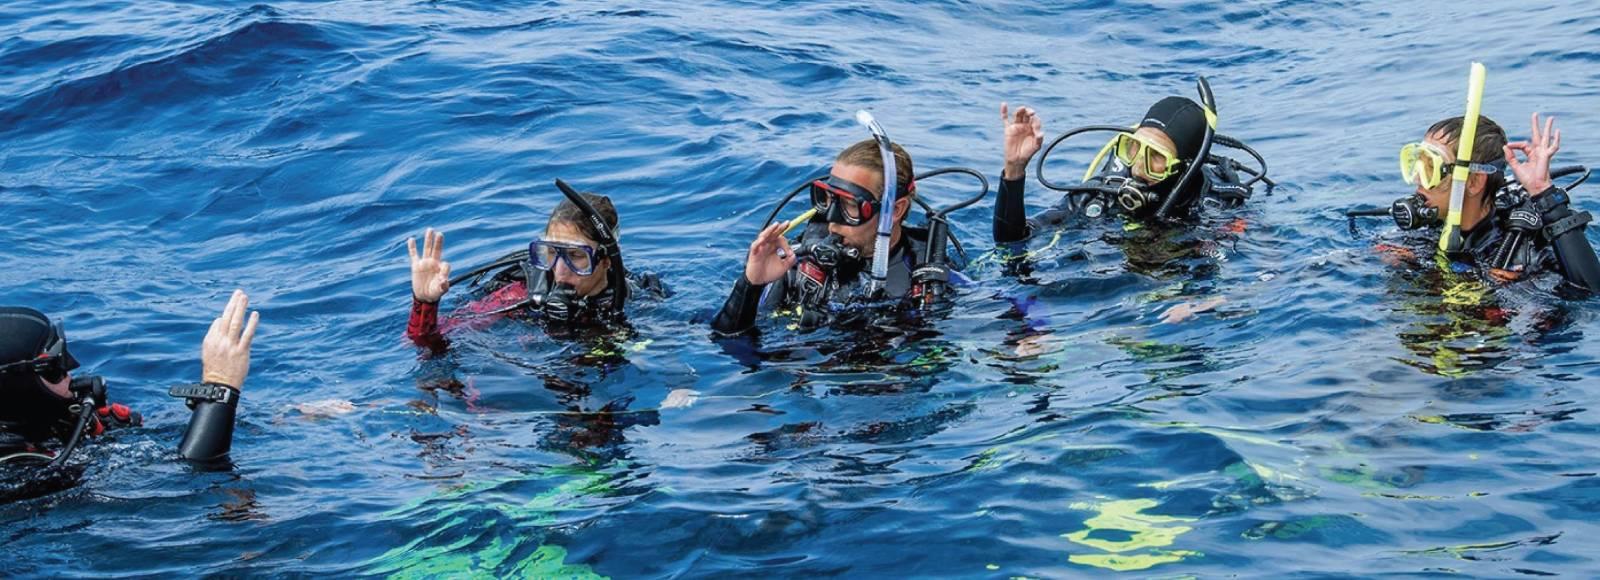 Discover Scuba Diving, Discover Scuba Diving, Discover Scuba Diving